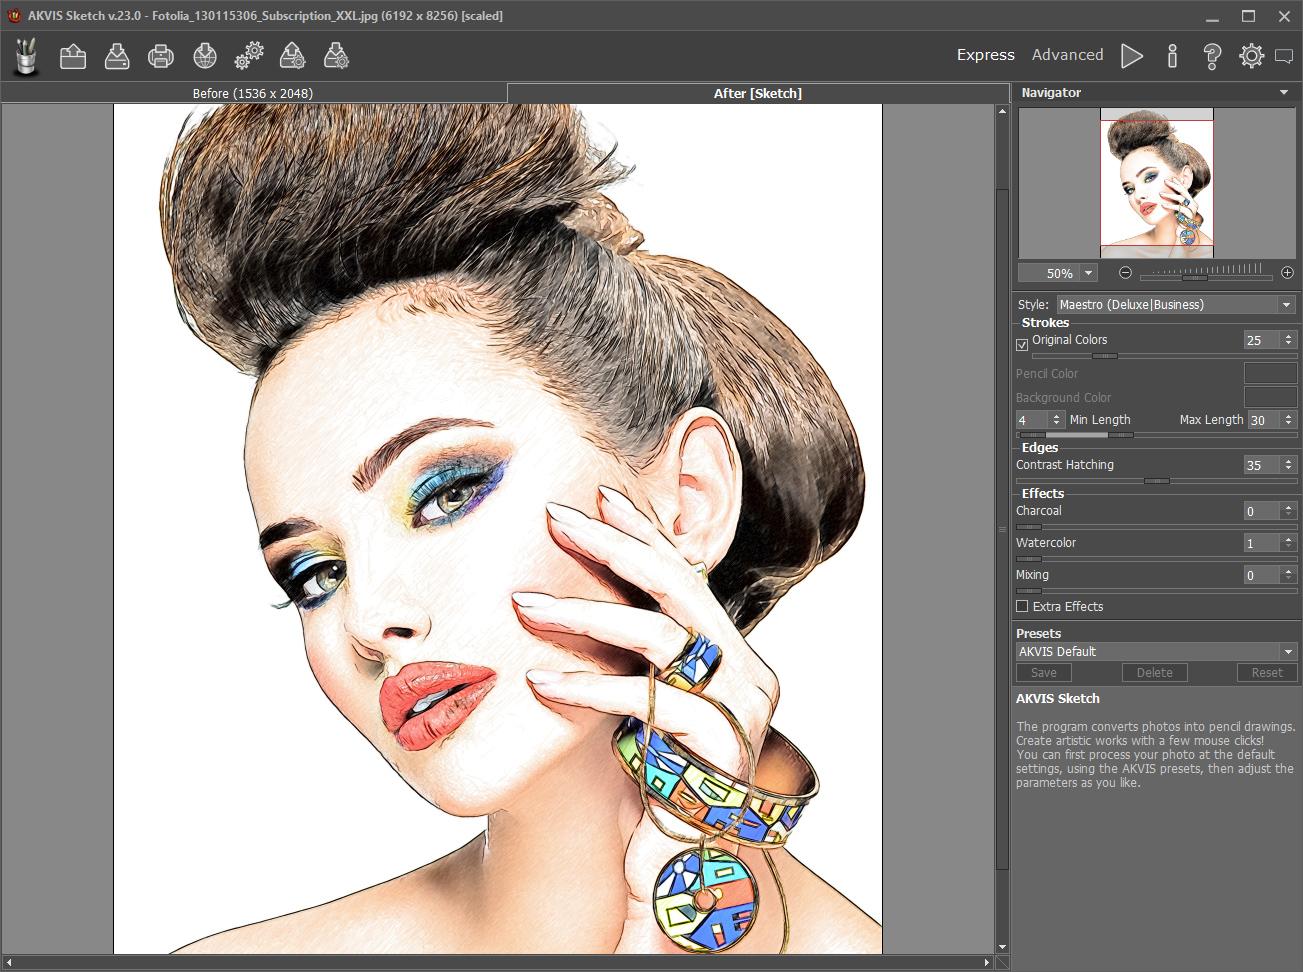 أقوى برنامج لتحويل الصور إلى صور مرسومة بخط اليد بكل إحترافية!+سعره 72$+مفعّل! Sketch-screenshot-1